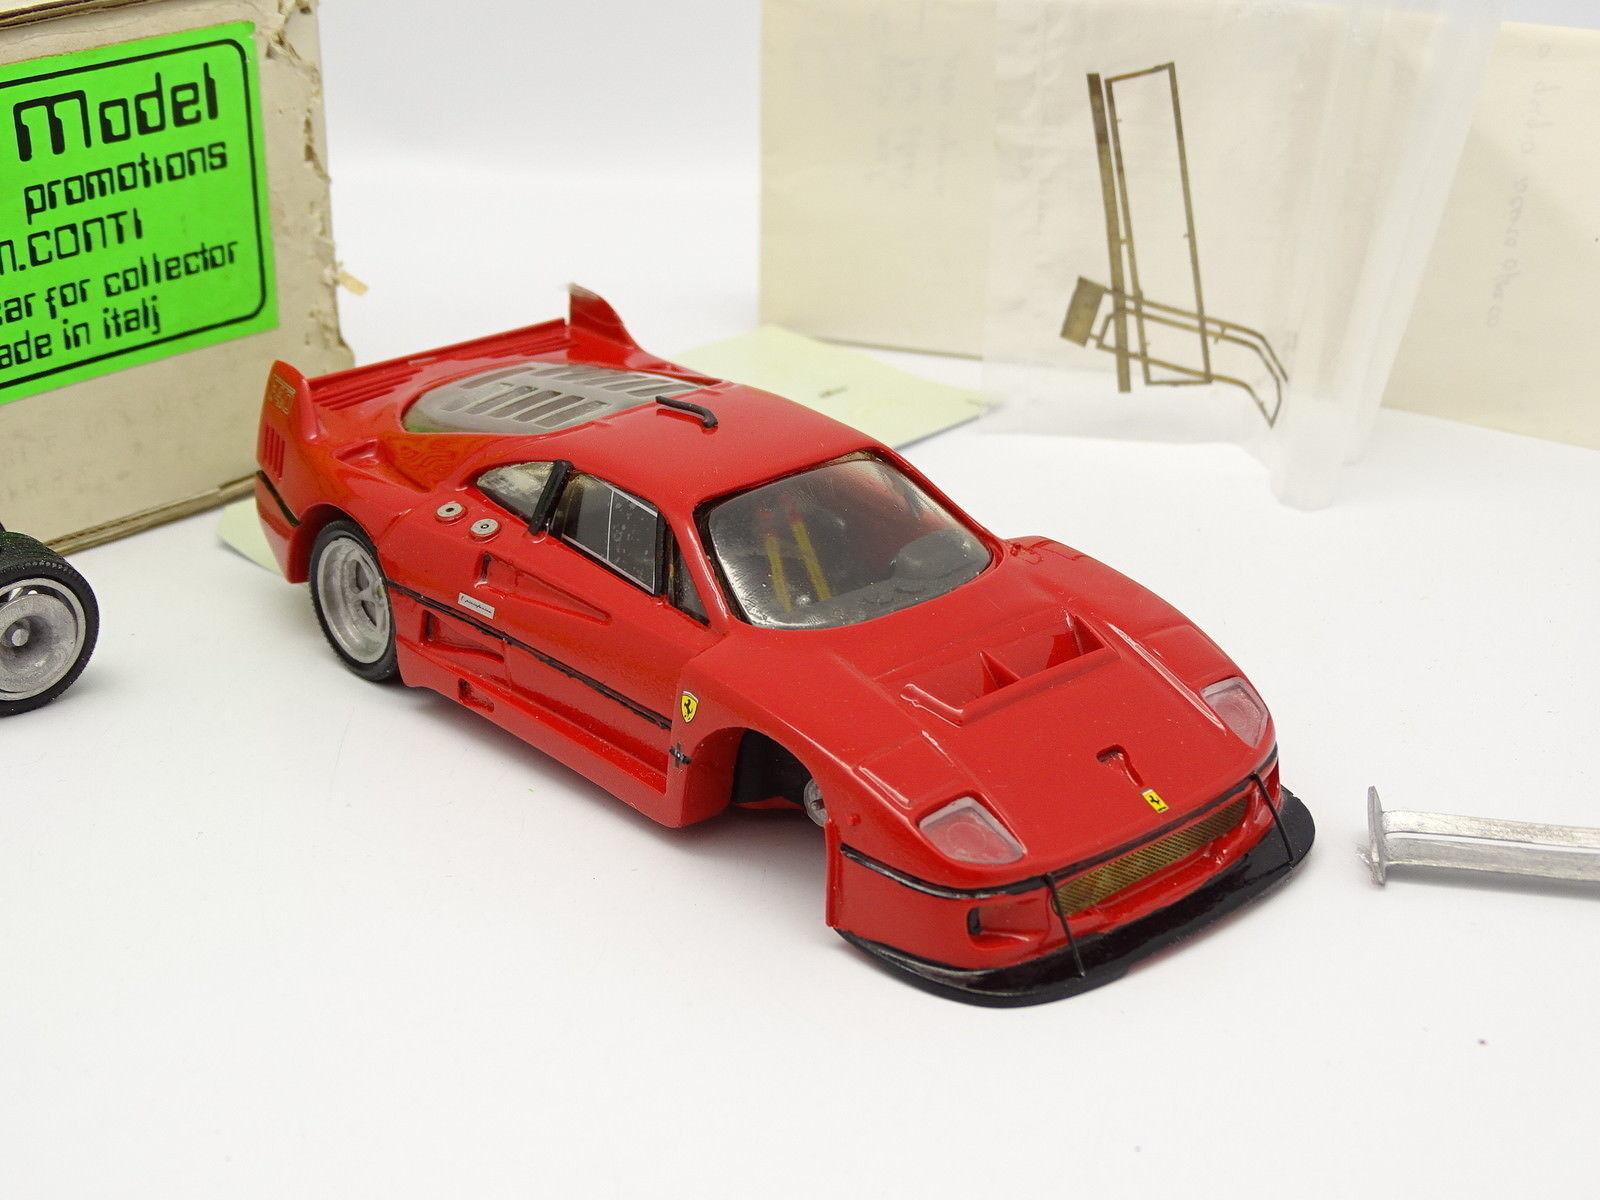 ContiModel ContiModel ContiModel Kit Montato Resina 1 32 - Ferrari F40 LM Corsa ea6b33